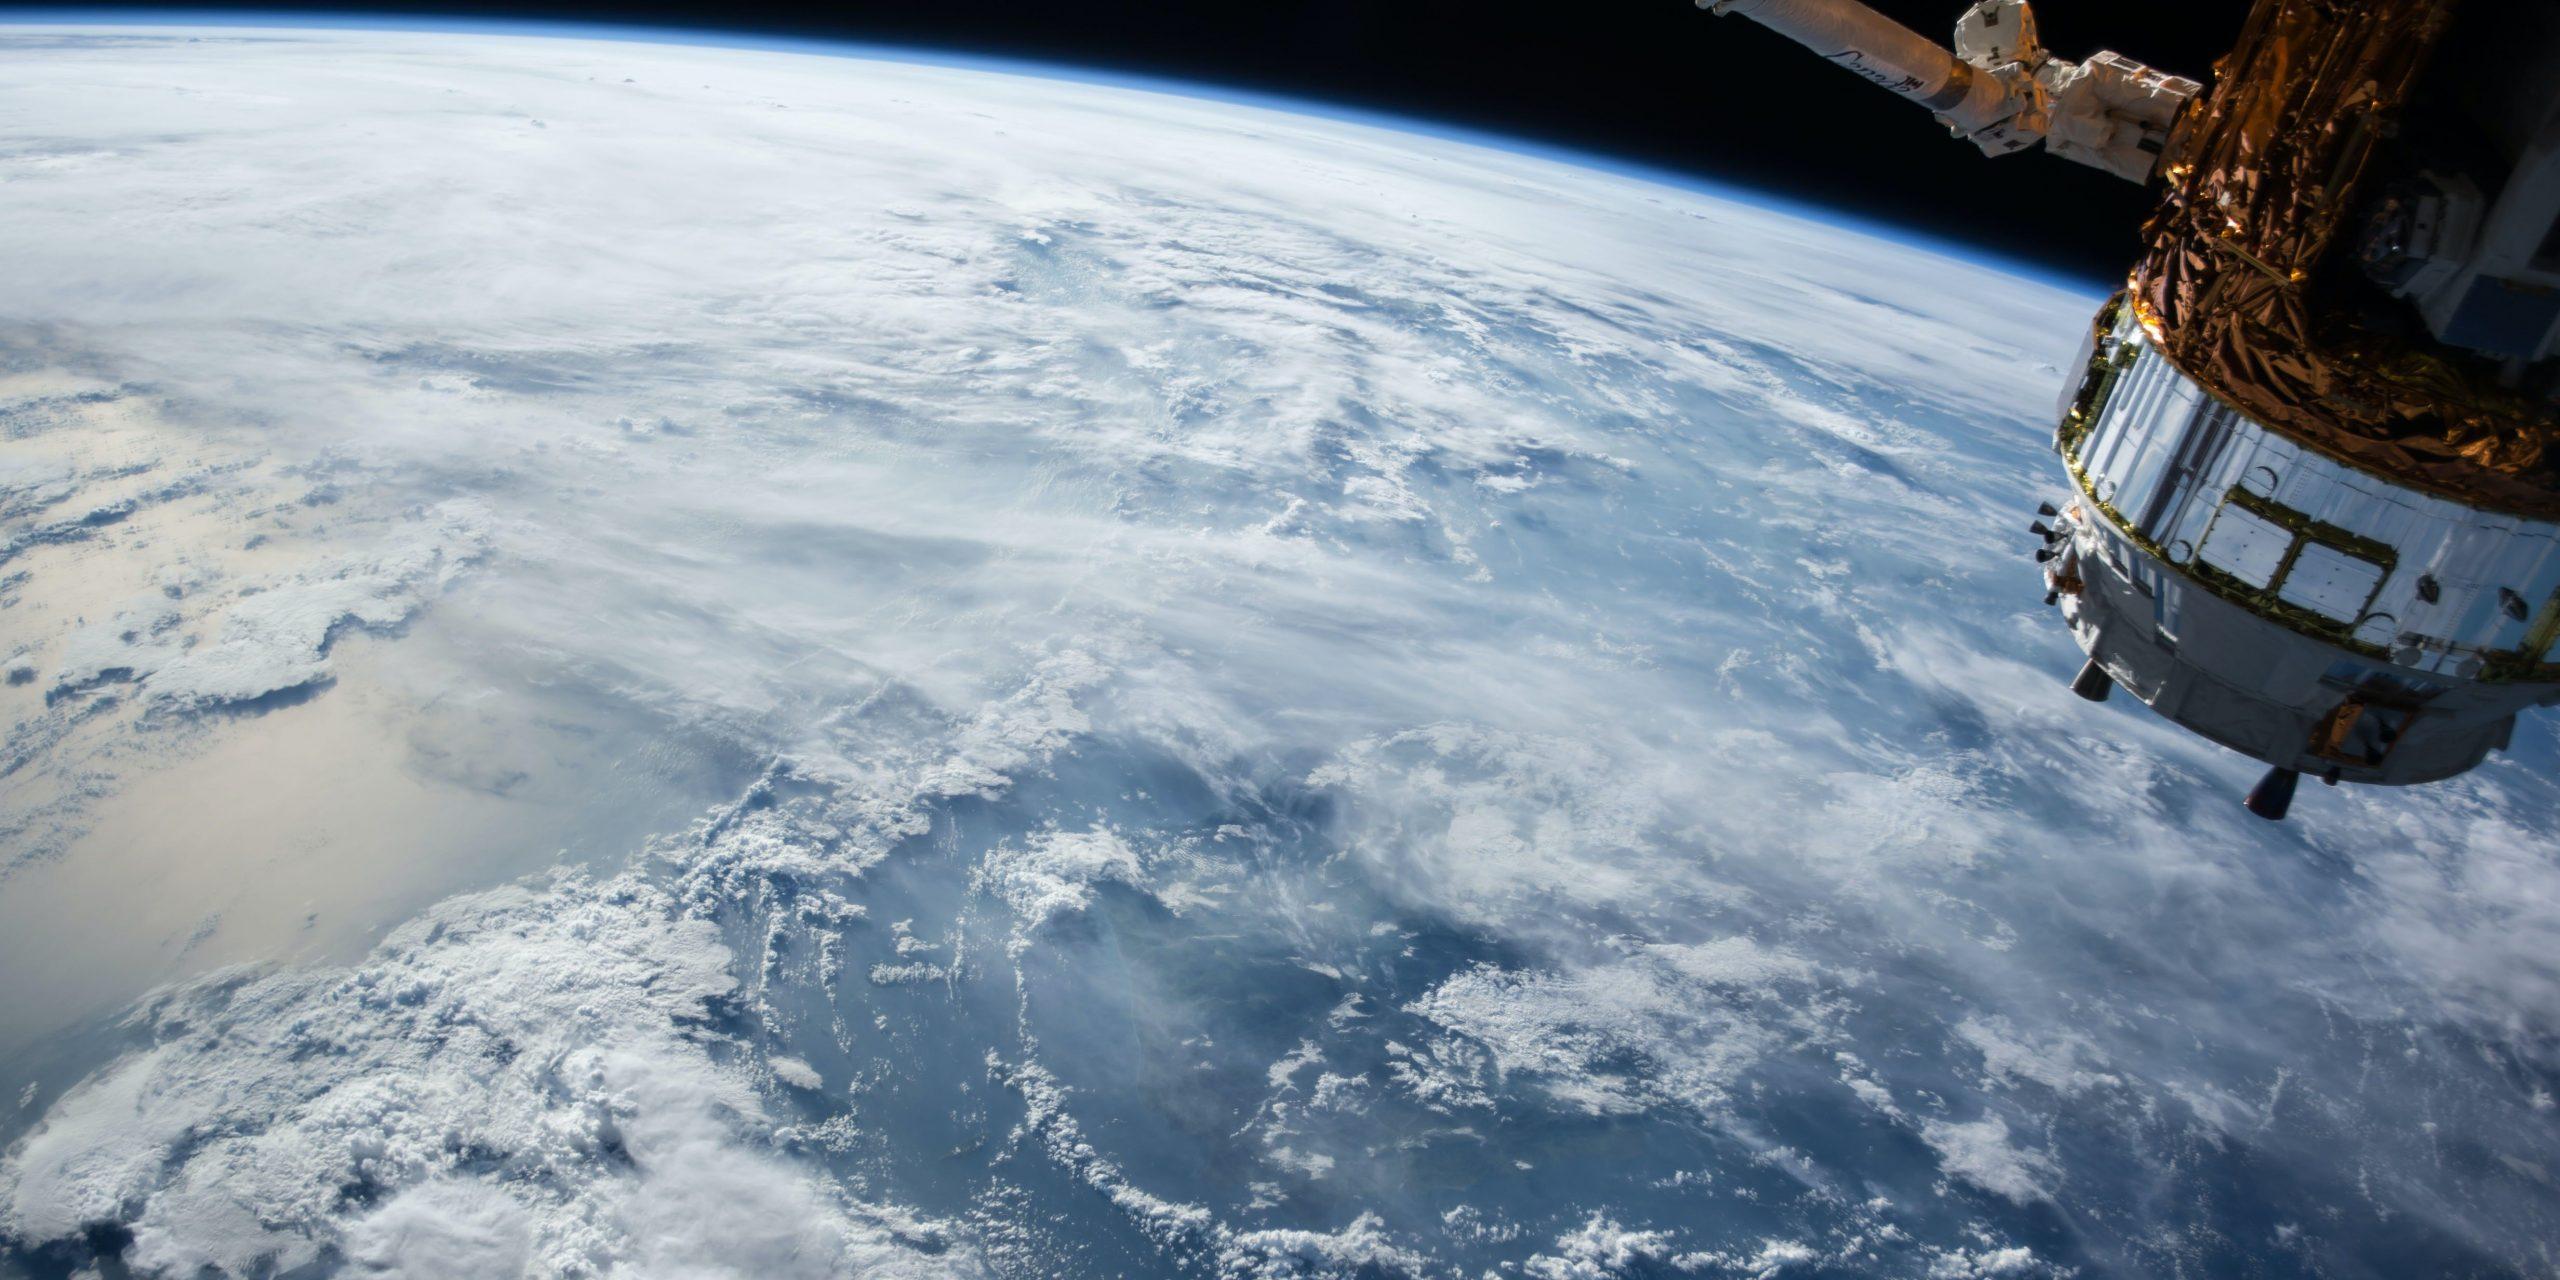 МТС вошла в инициативную рабочую группу космической подпрограммы «Сфера» по созданию спутниковой системы интернета вещей